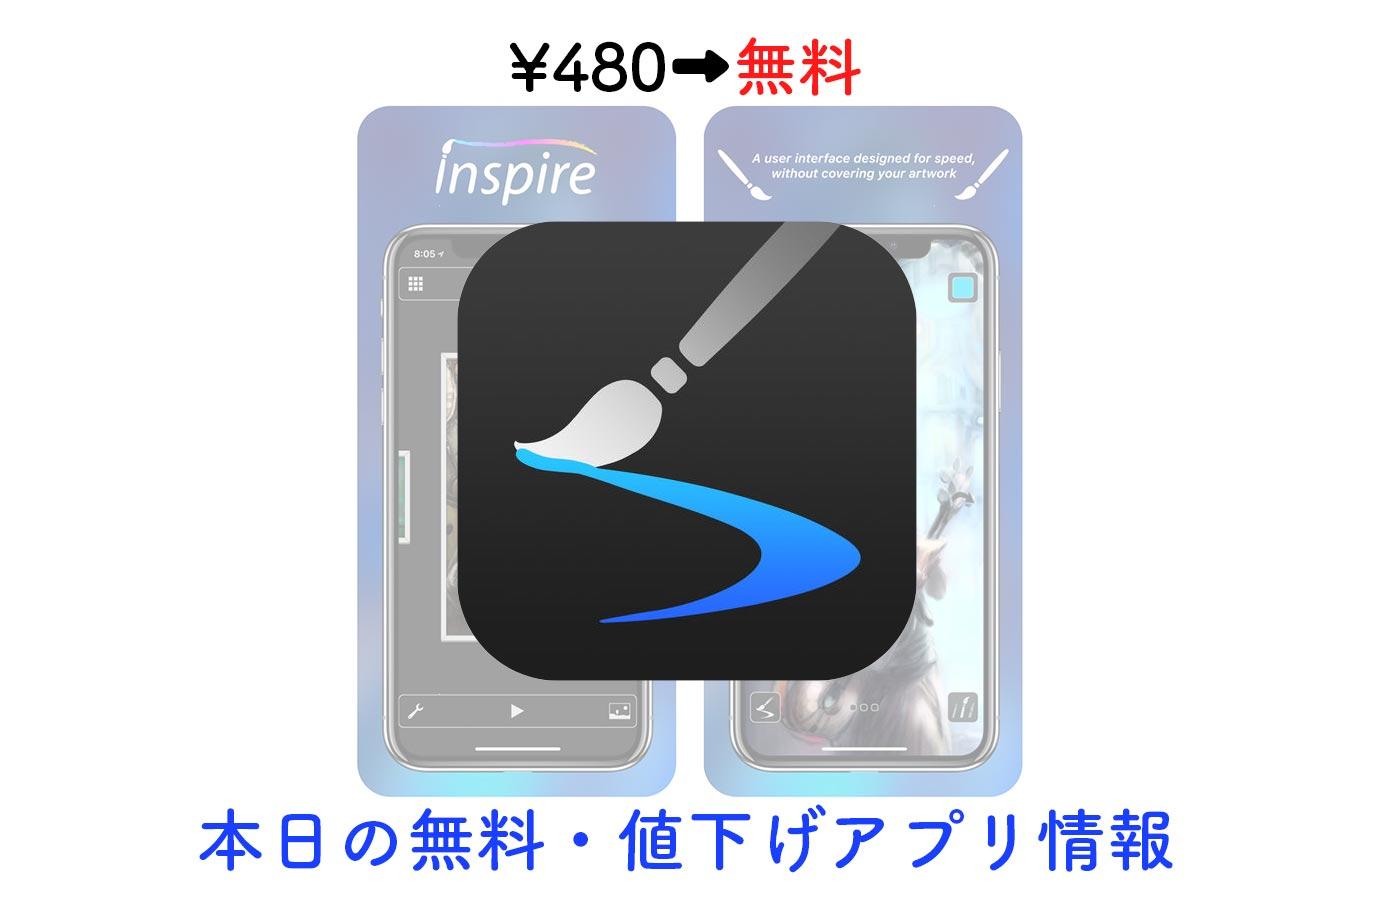 ¥480→無料、80種類以上のブラシツールなどを搭載した多機能ペイントアプリ「Inspire」など【2/14】本日の無料・値下げアプリ情報